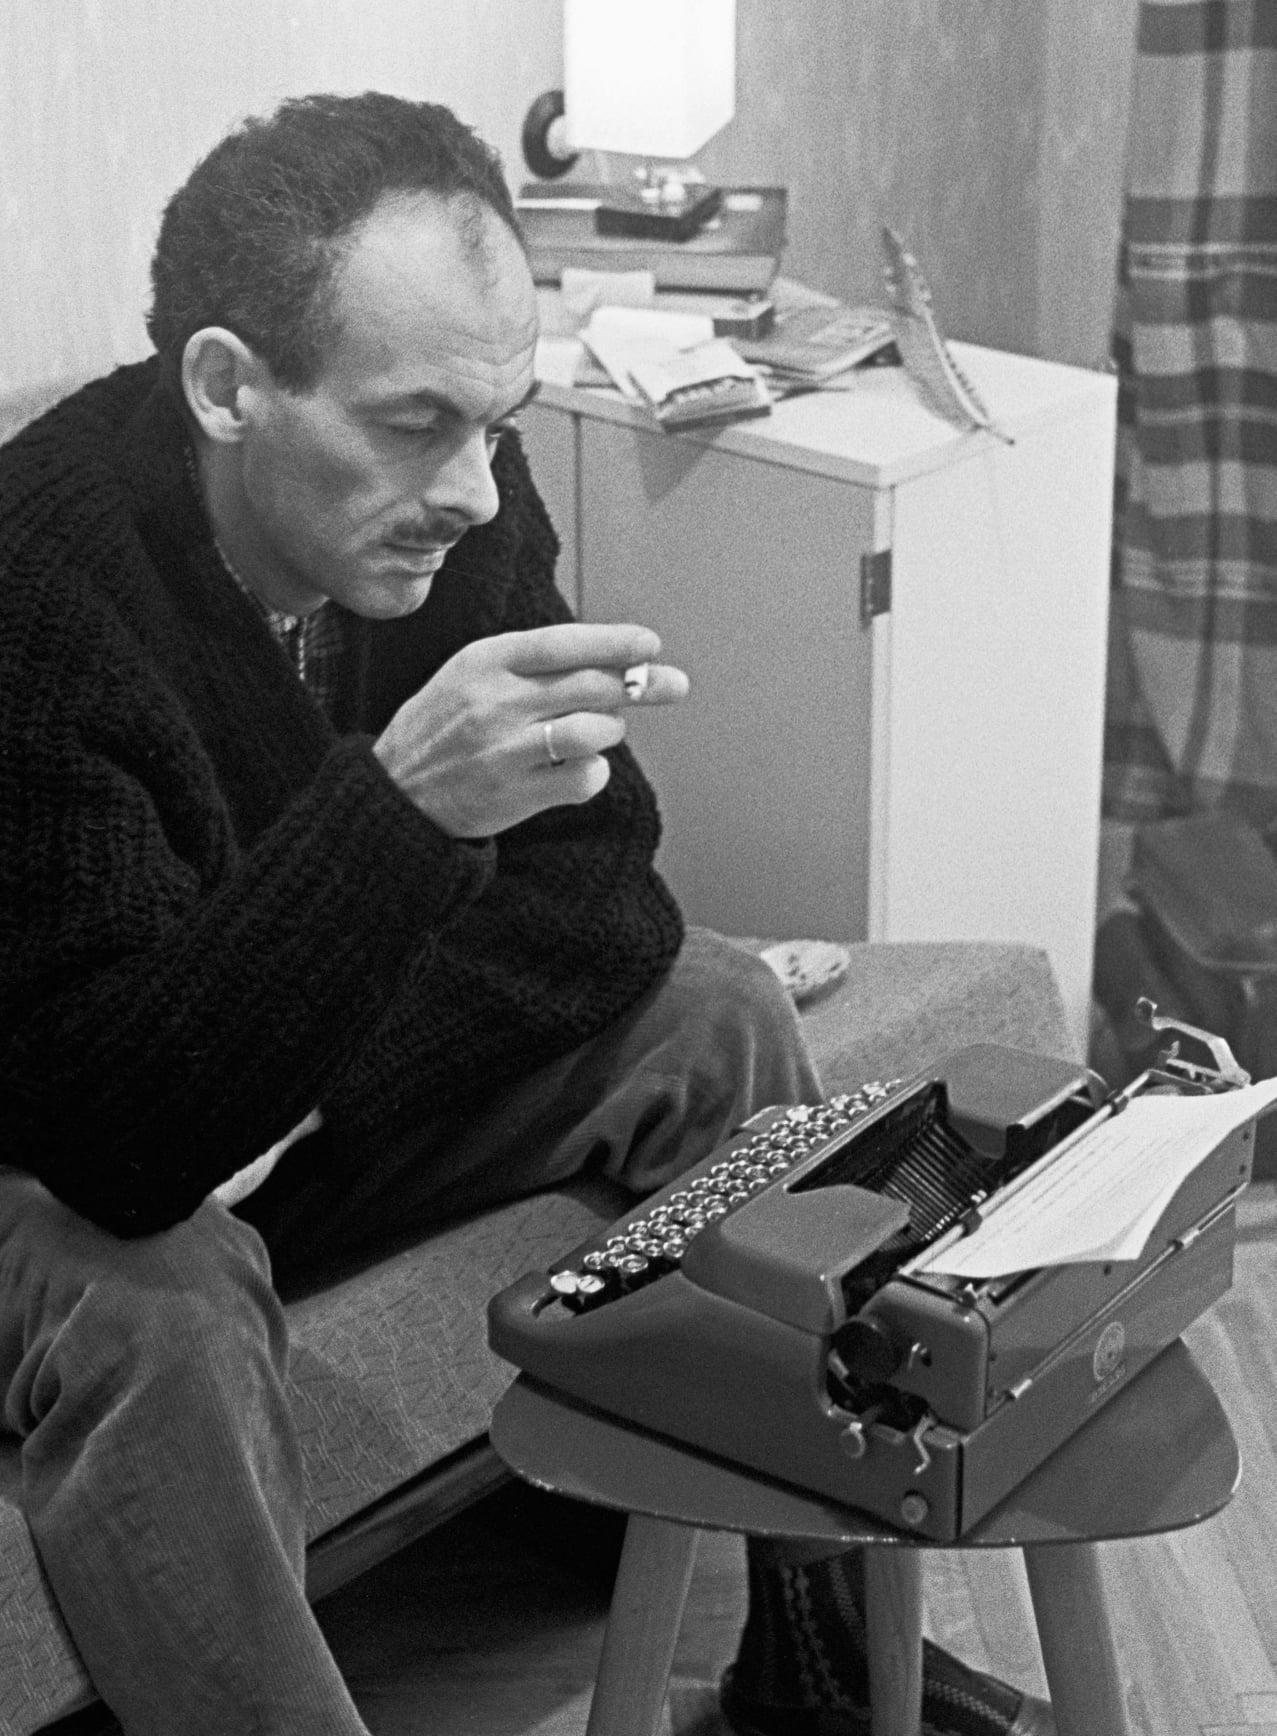 12 июня 1997 года в военном госпитале г. Кламар (Франция) скончался Булат ОКУДЖАВА (1924-1997)